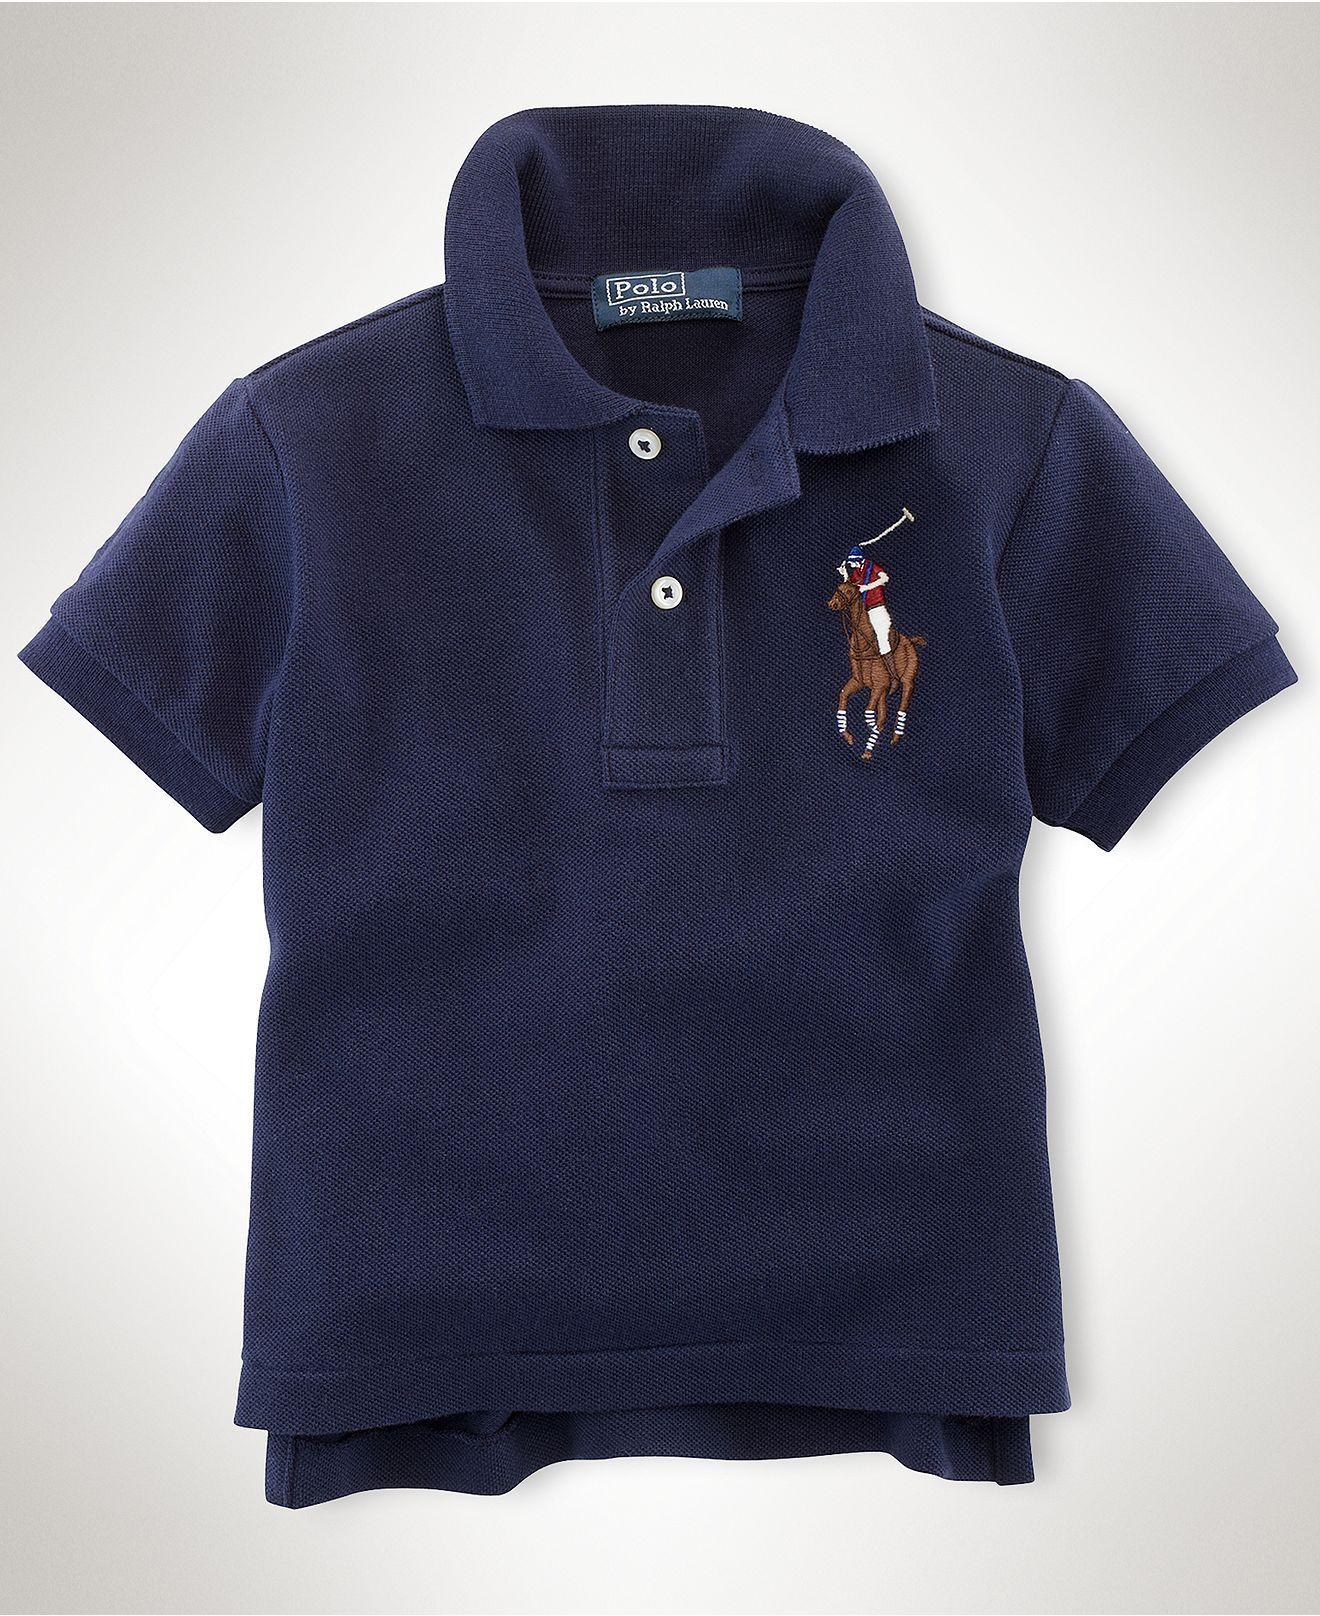 40d35fde5517 Ralph Lauren Baby Shirt